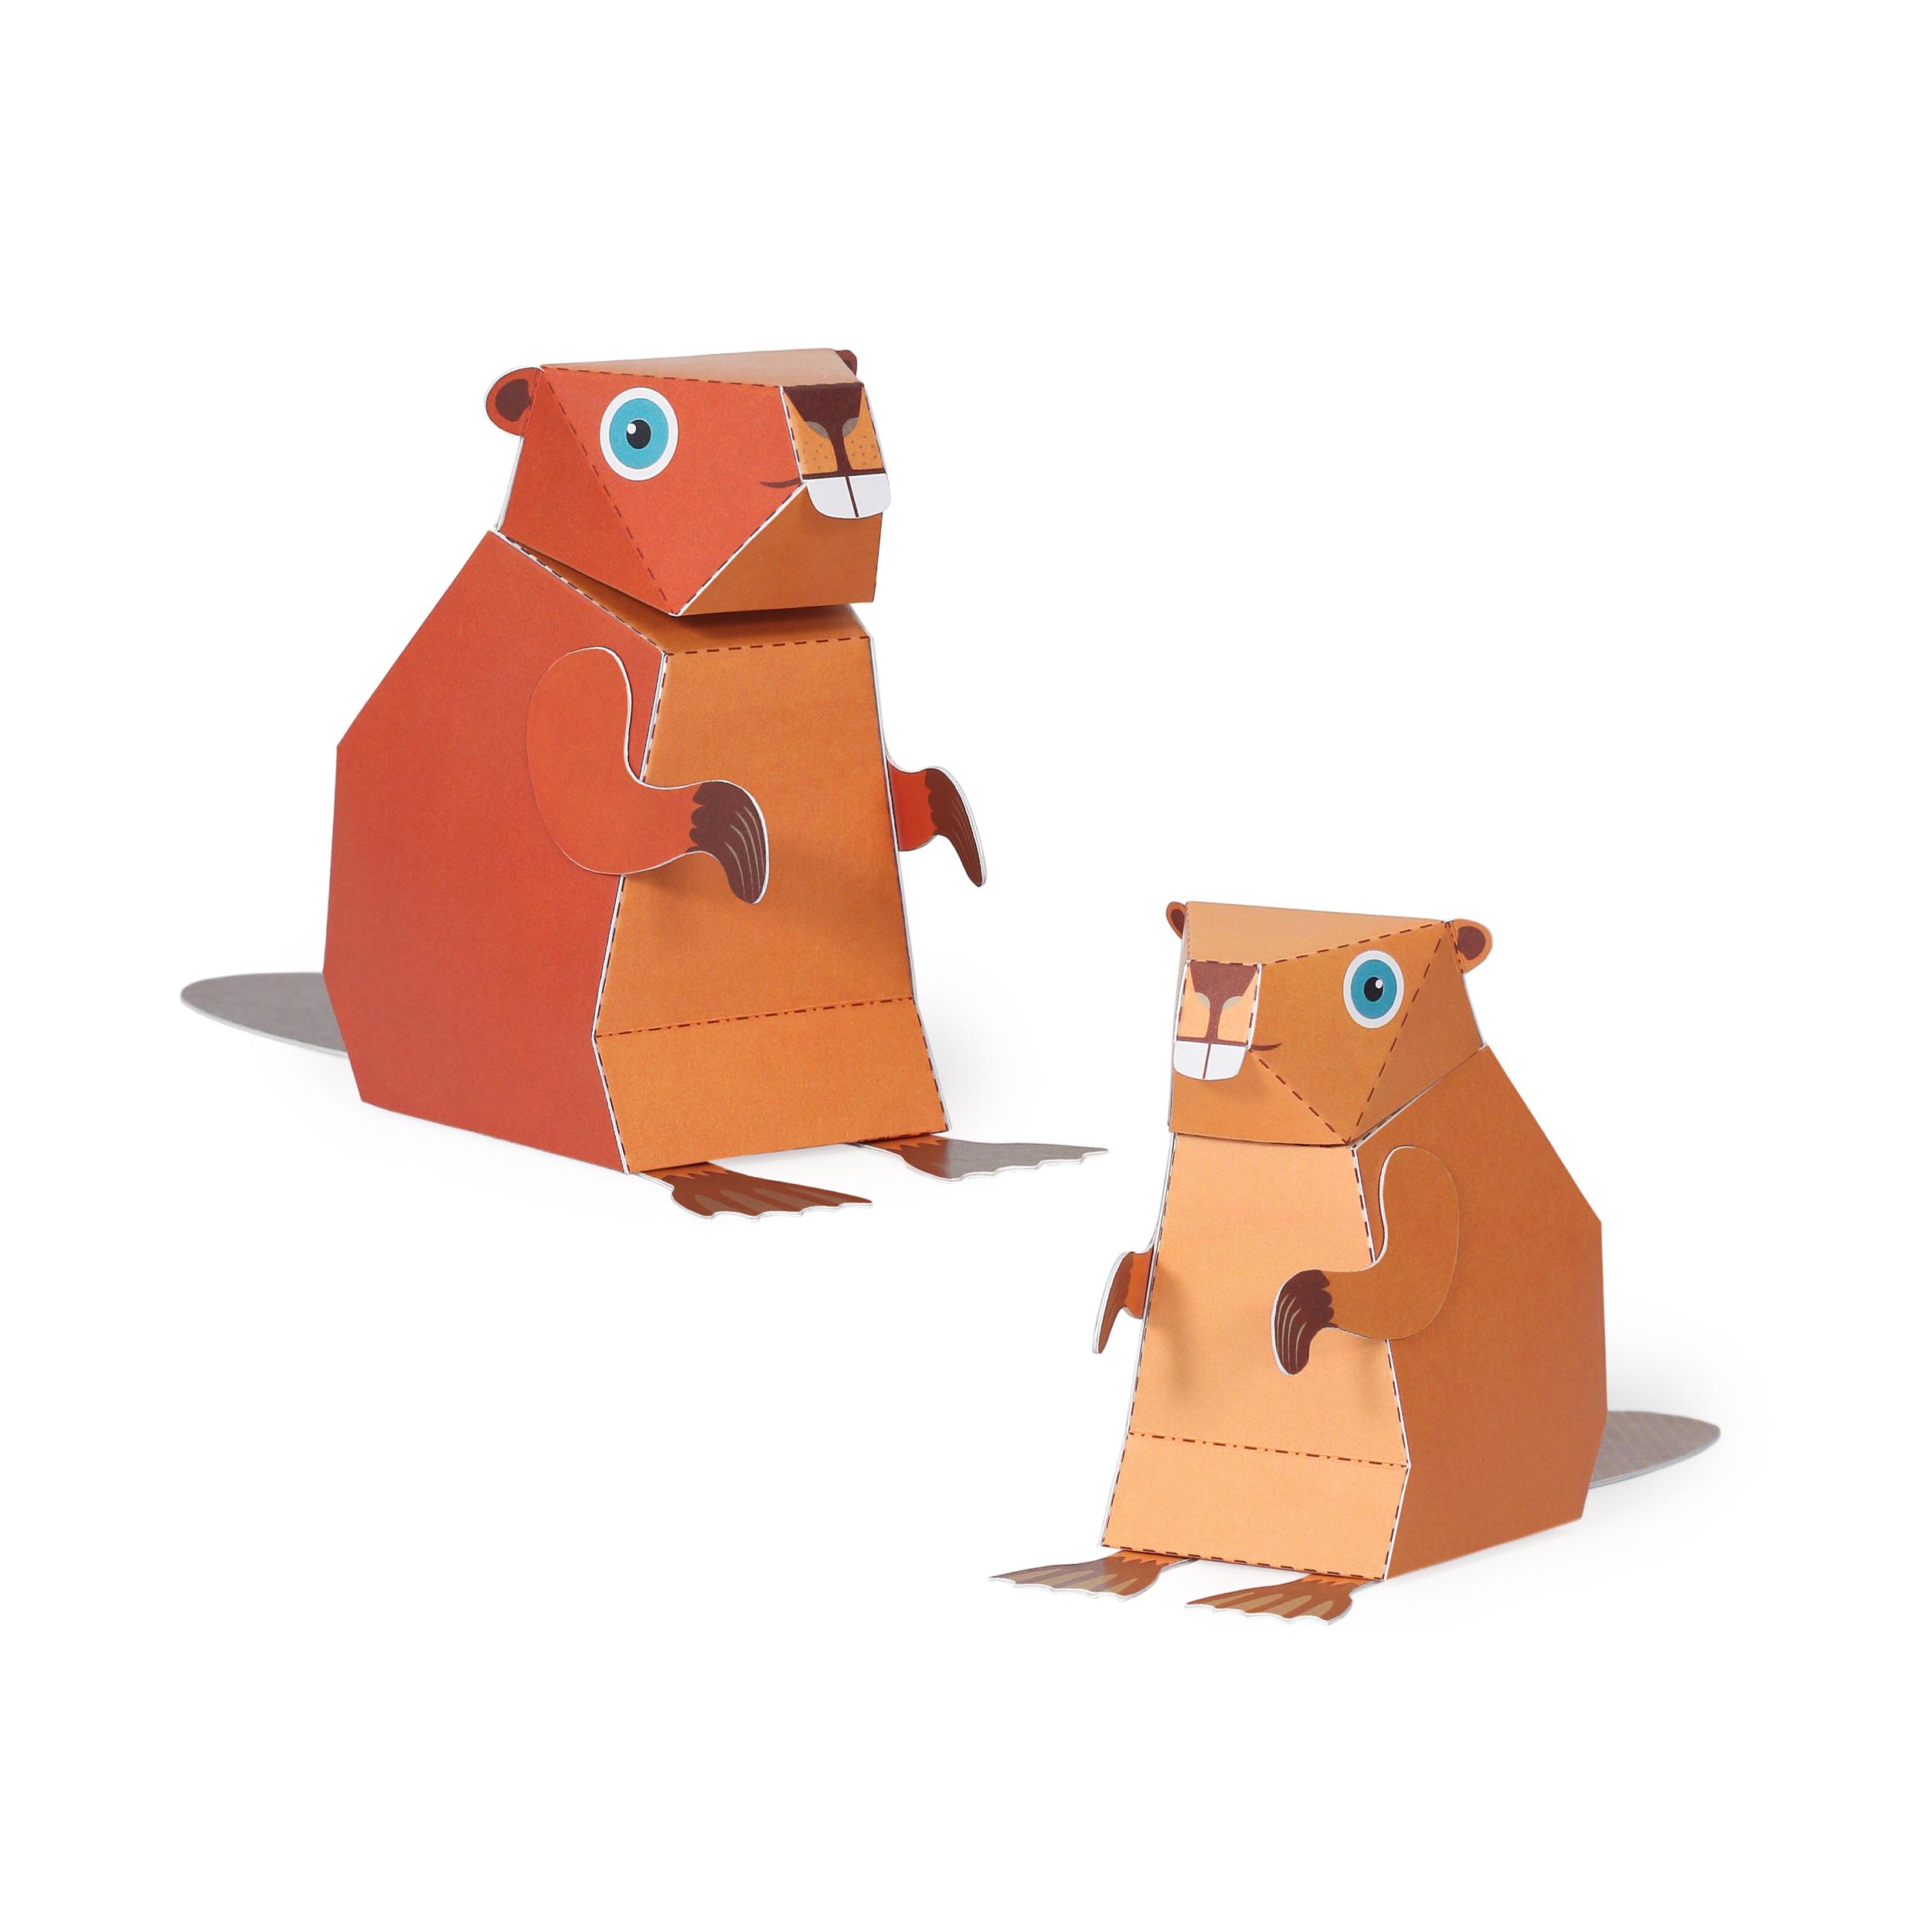 Maxi Beaver Paper Toys